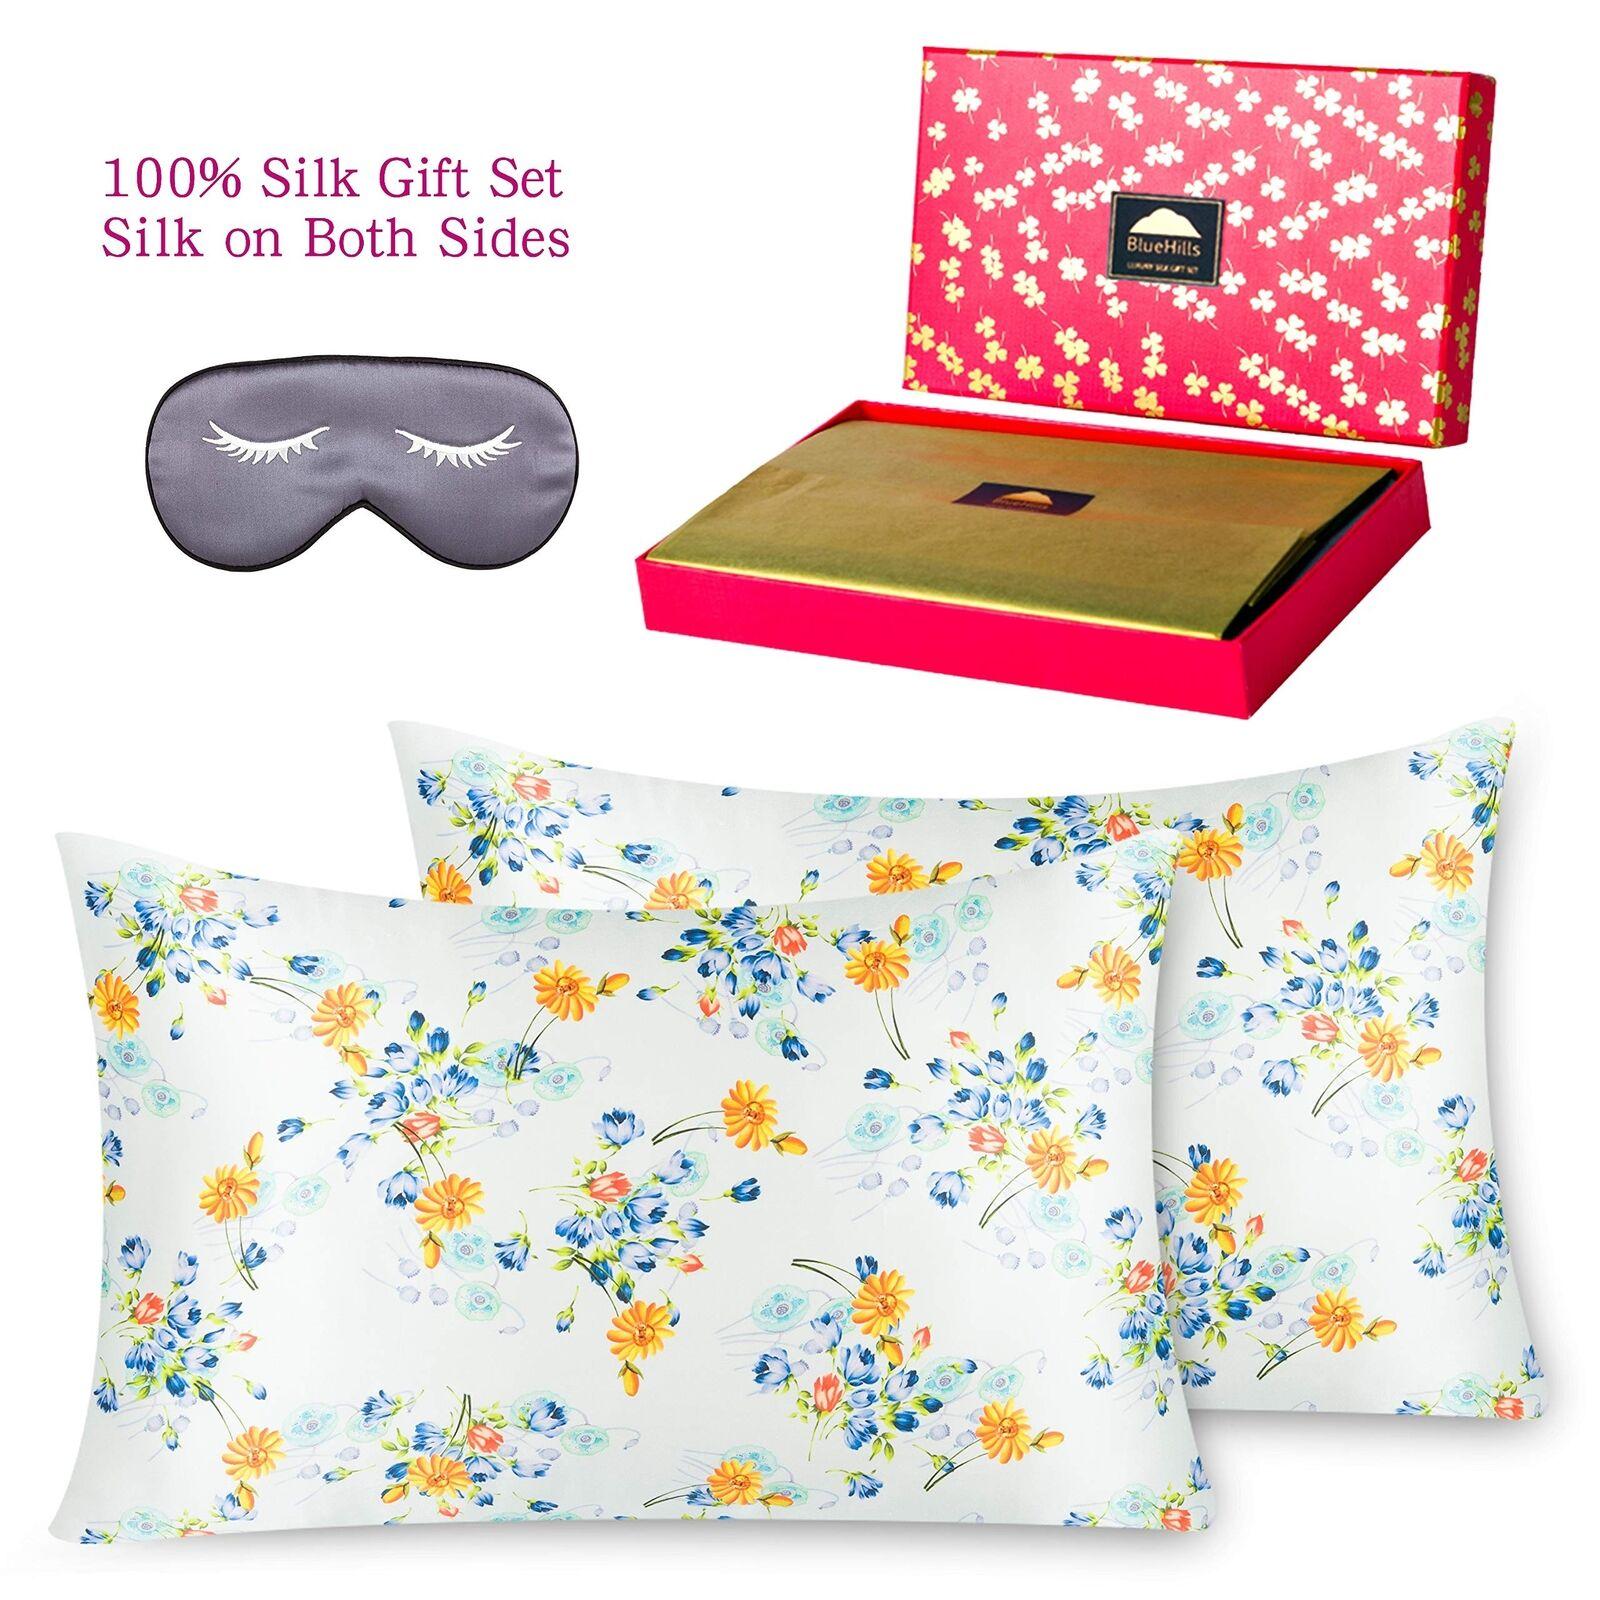 100% Pure Mulberry Both Sides Silk Pillowcase  Queen Größe design pattern